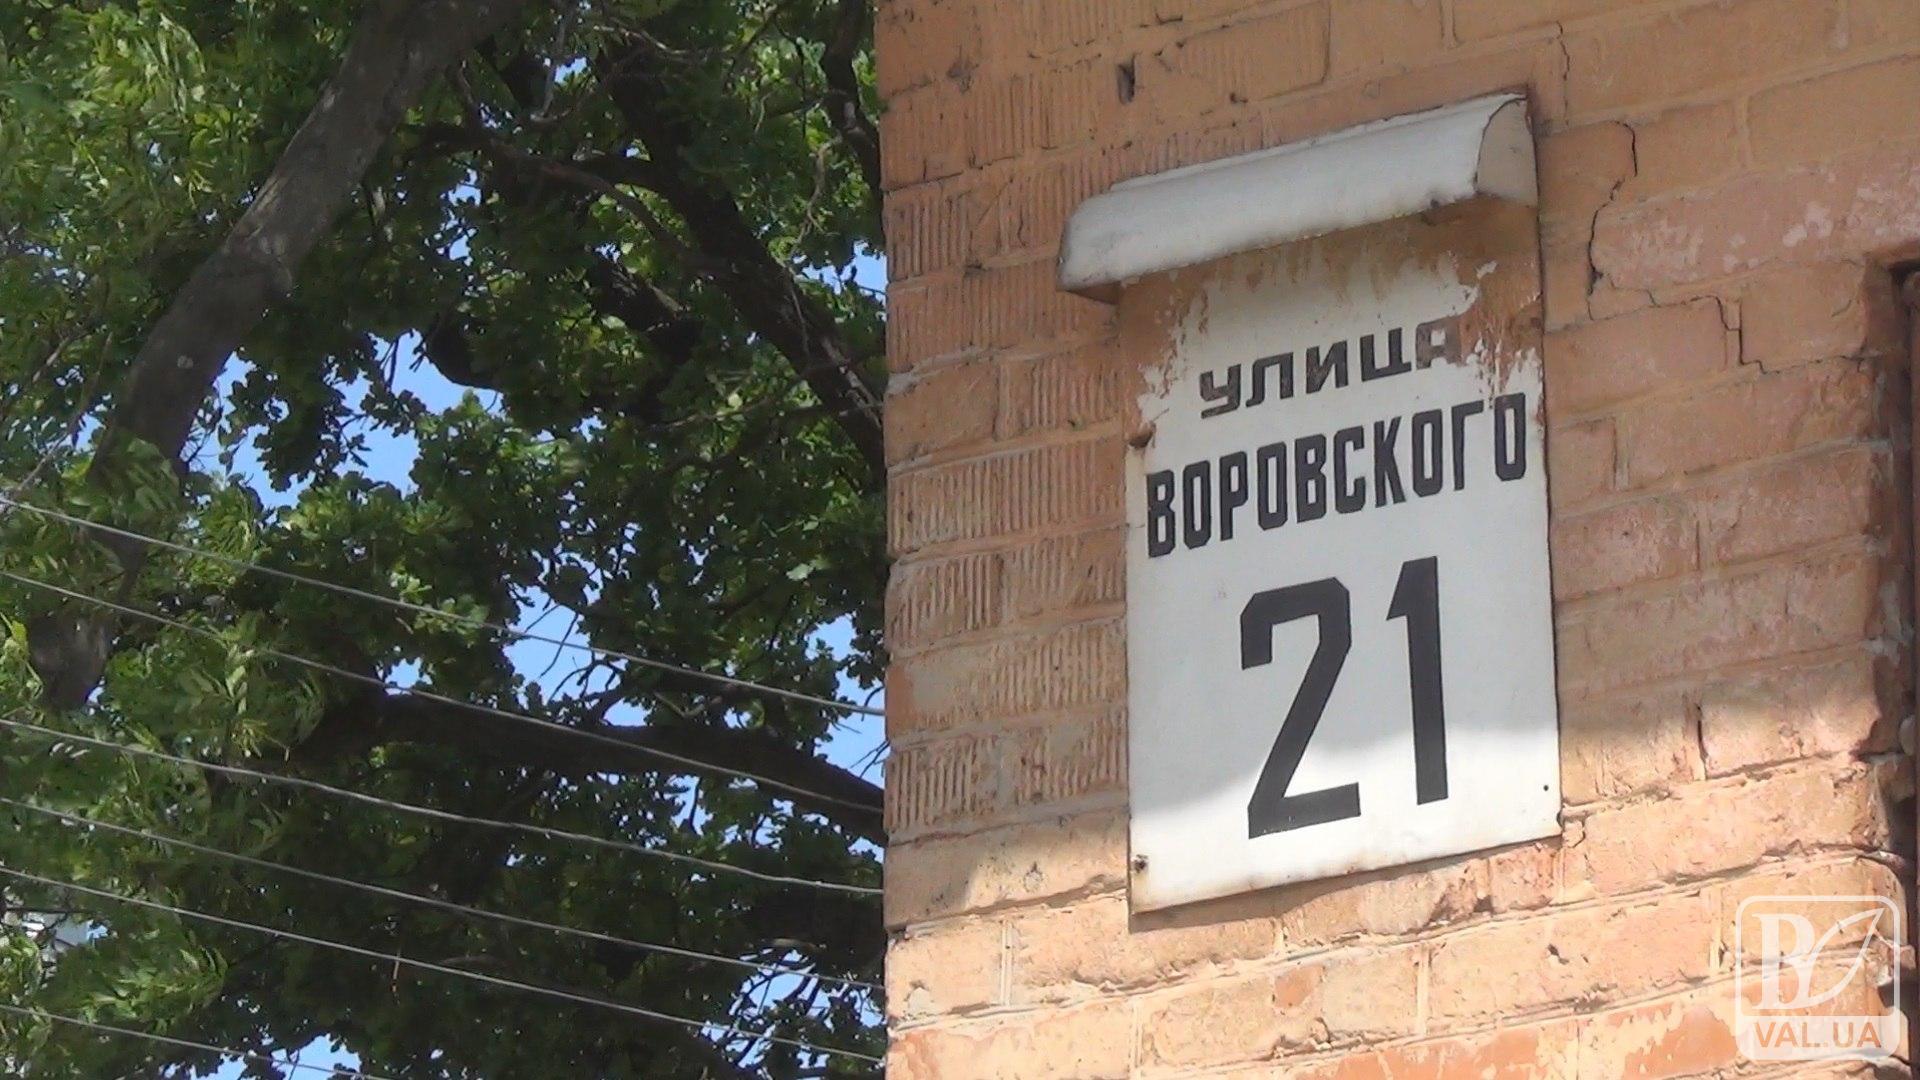 Декомунізація на папері, або коли на вулицях Чернігова з'являться нові таблички?  ВІДЕО